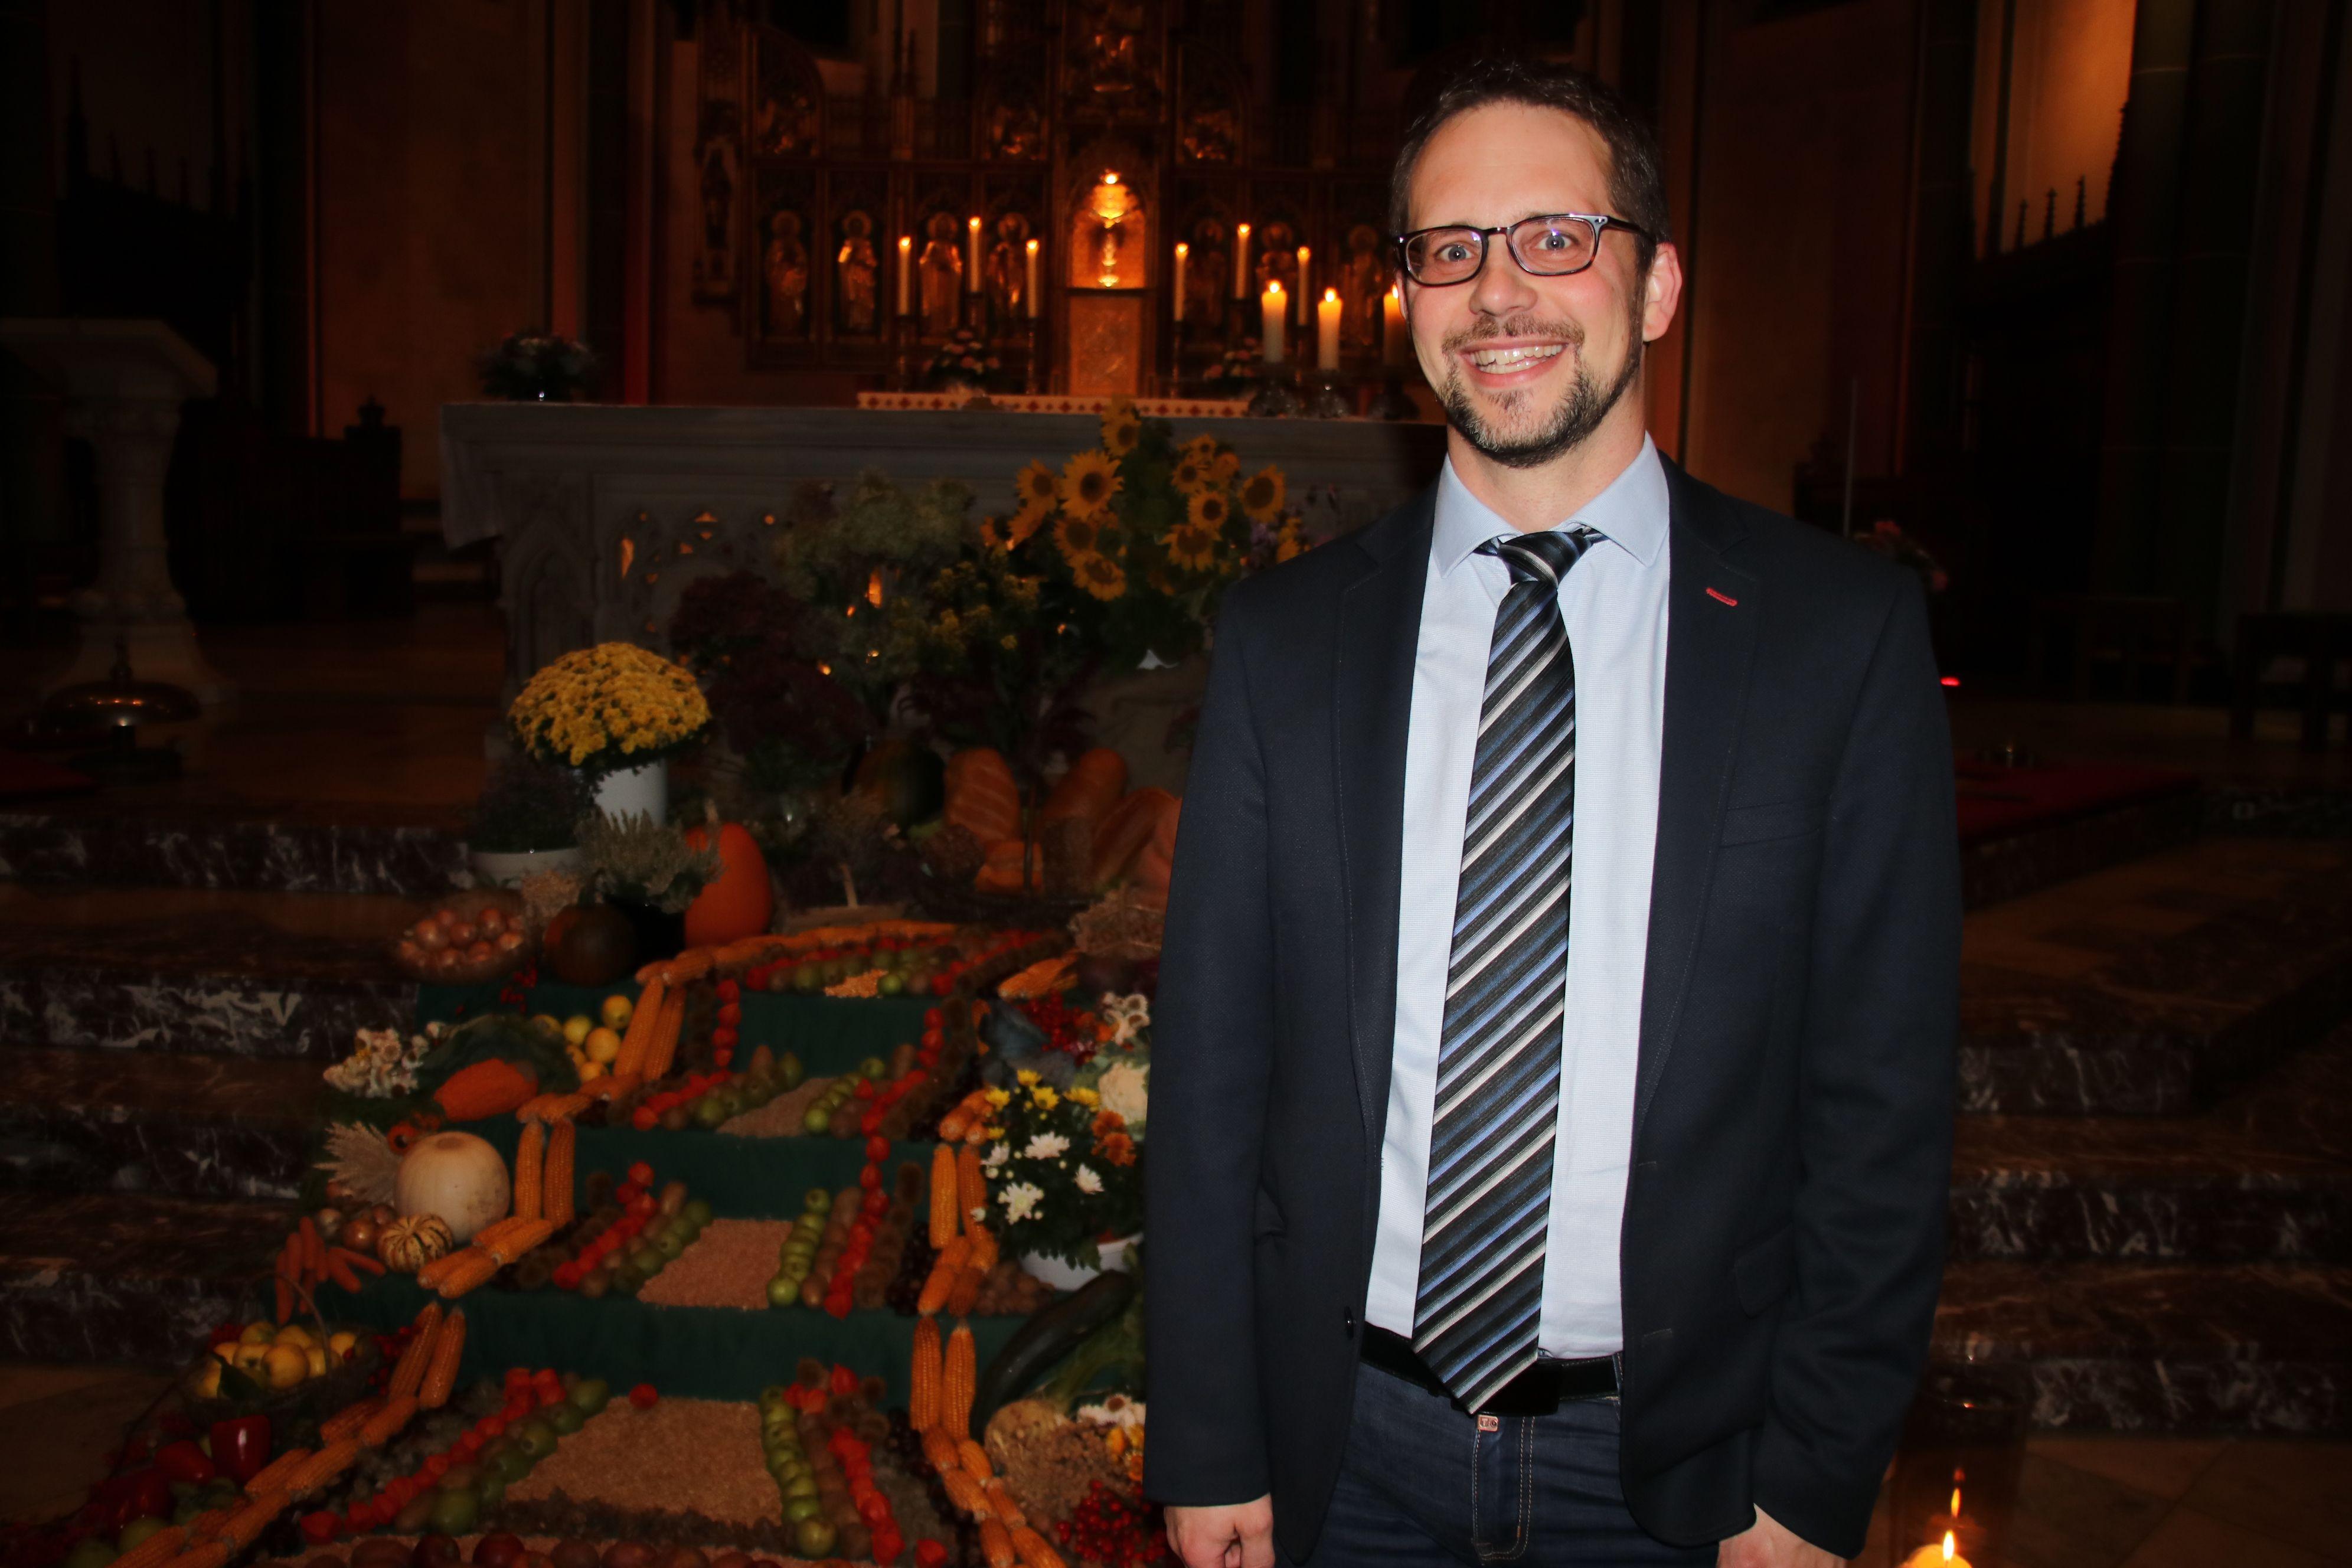 Gelungenes Nachtmusikjubiläum: Aus Anlass des Erntedanks spielte Dr. Isenberg Lob- und Dankgesang. Foto: Lammert